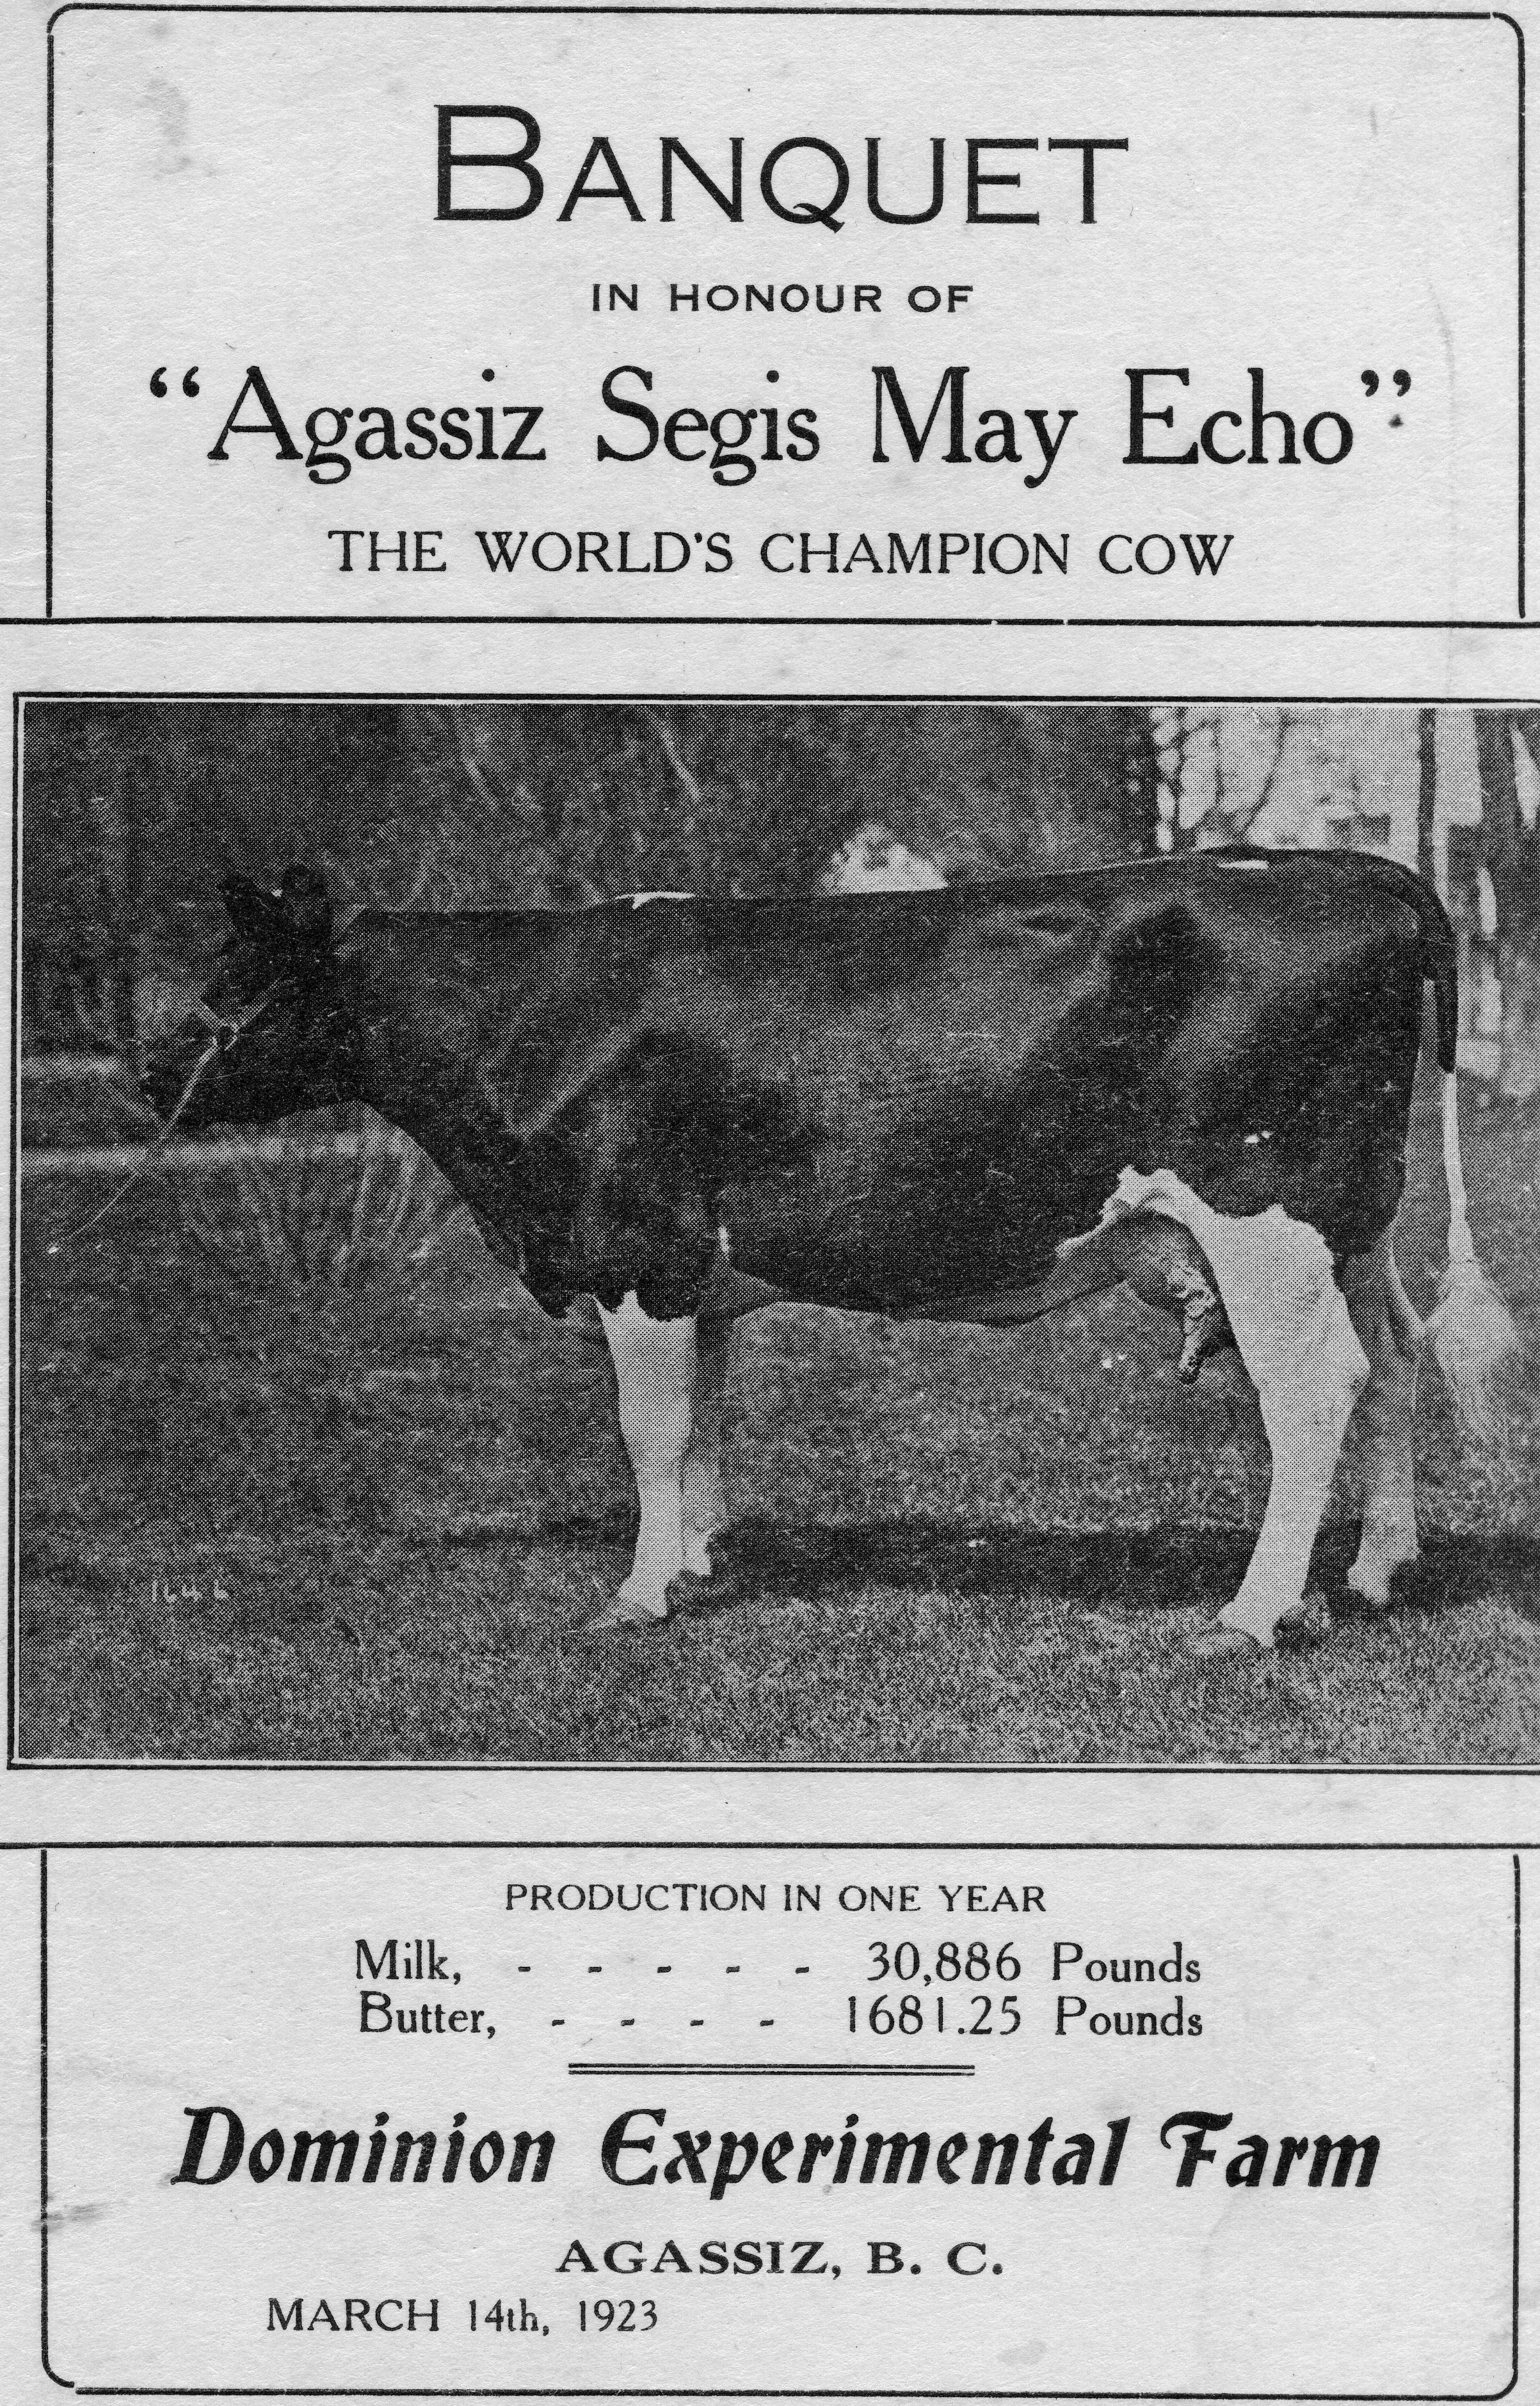 Image en noir et blanc du programme du banquet en l'honneur d'Agassiz Segis May Echo. Comprend une photo de la vache championne, 1923.